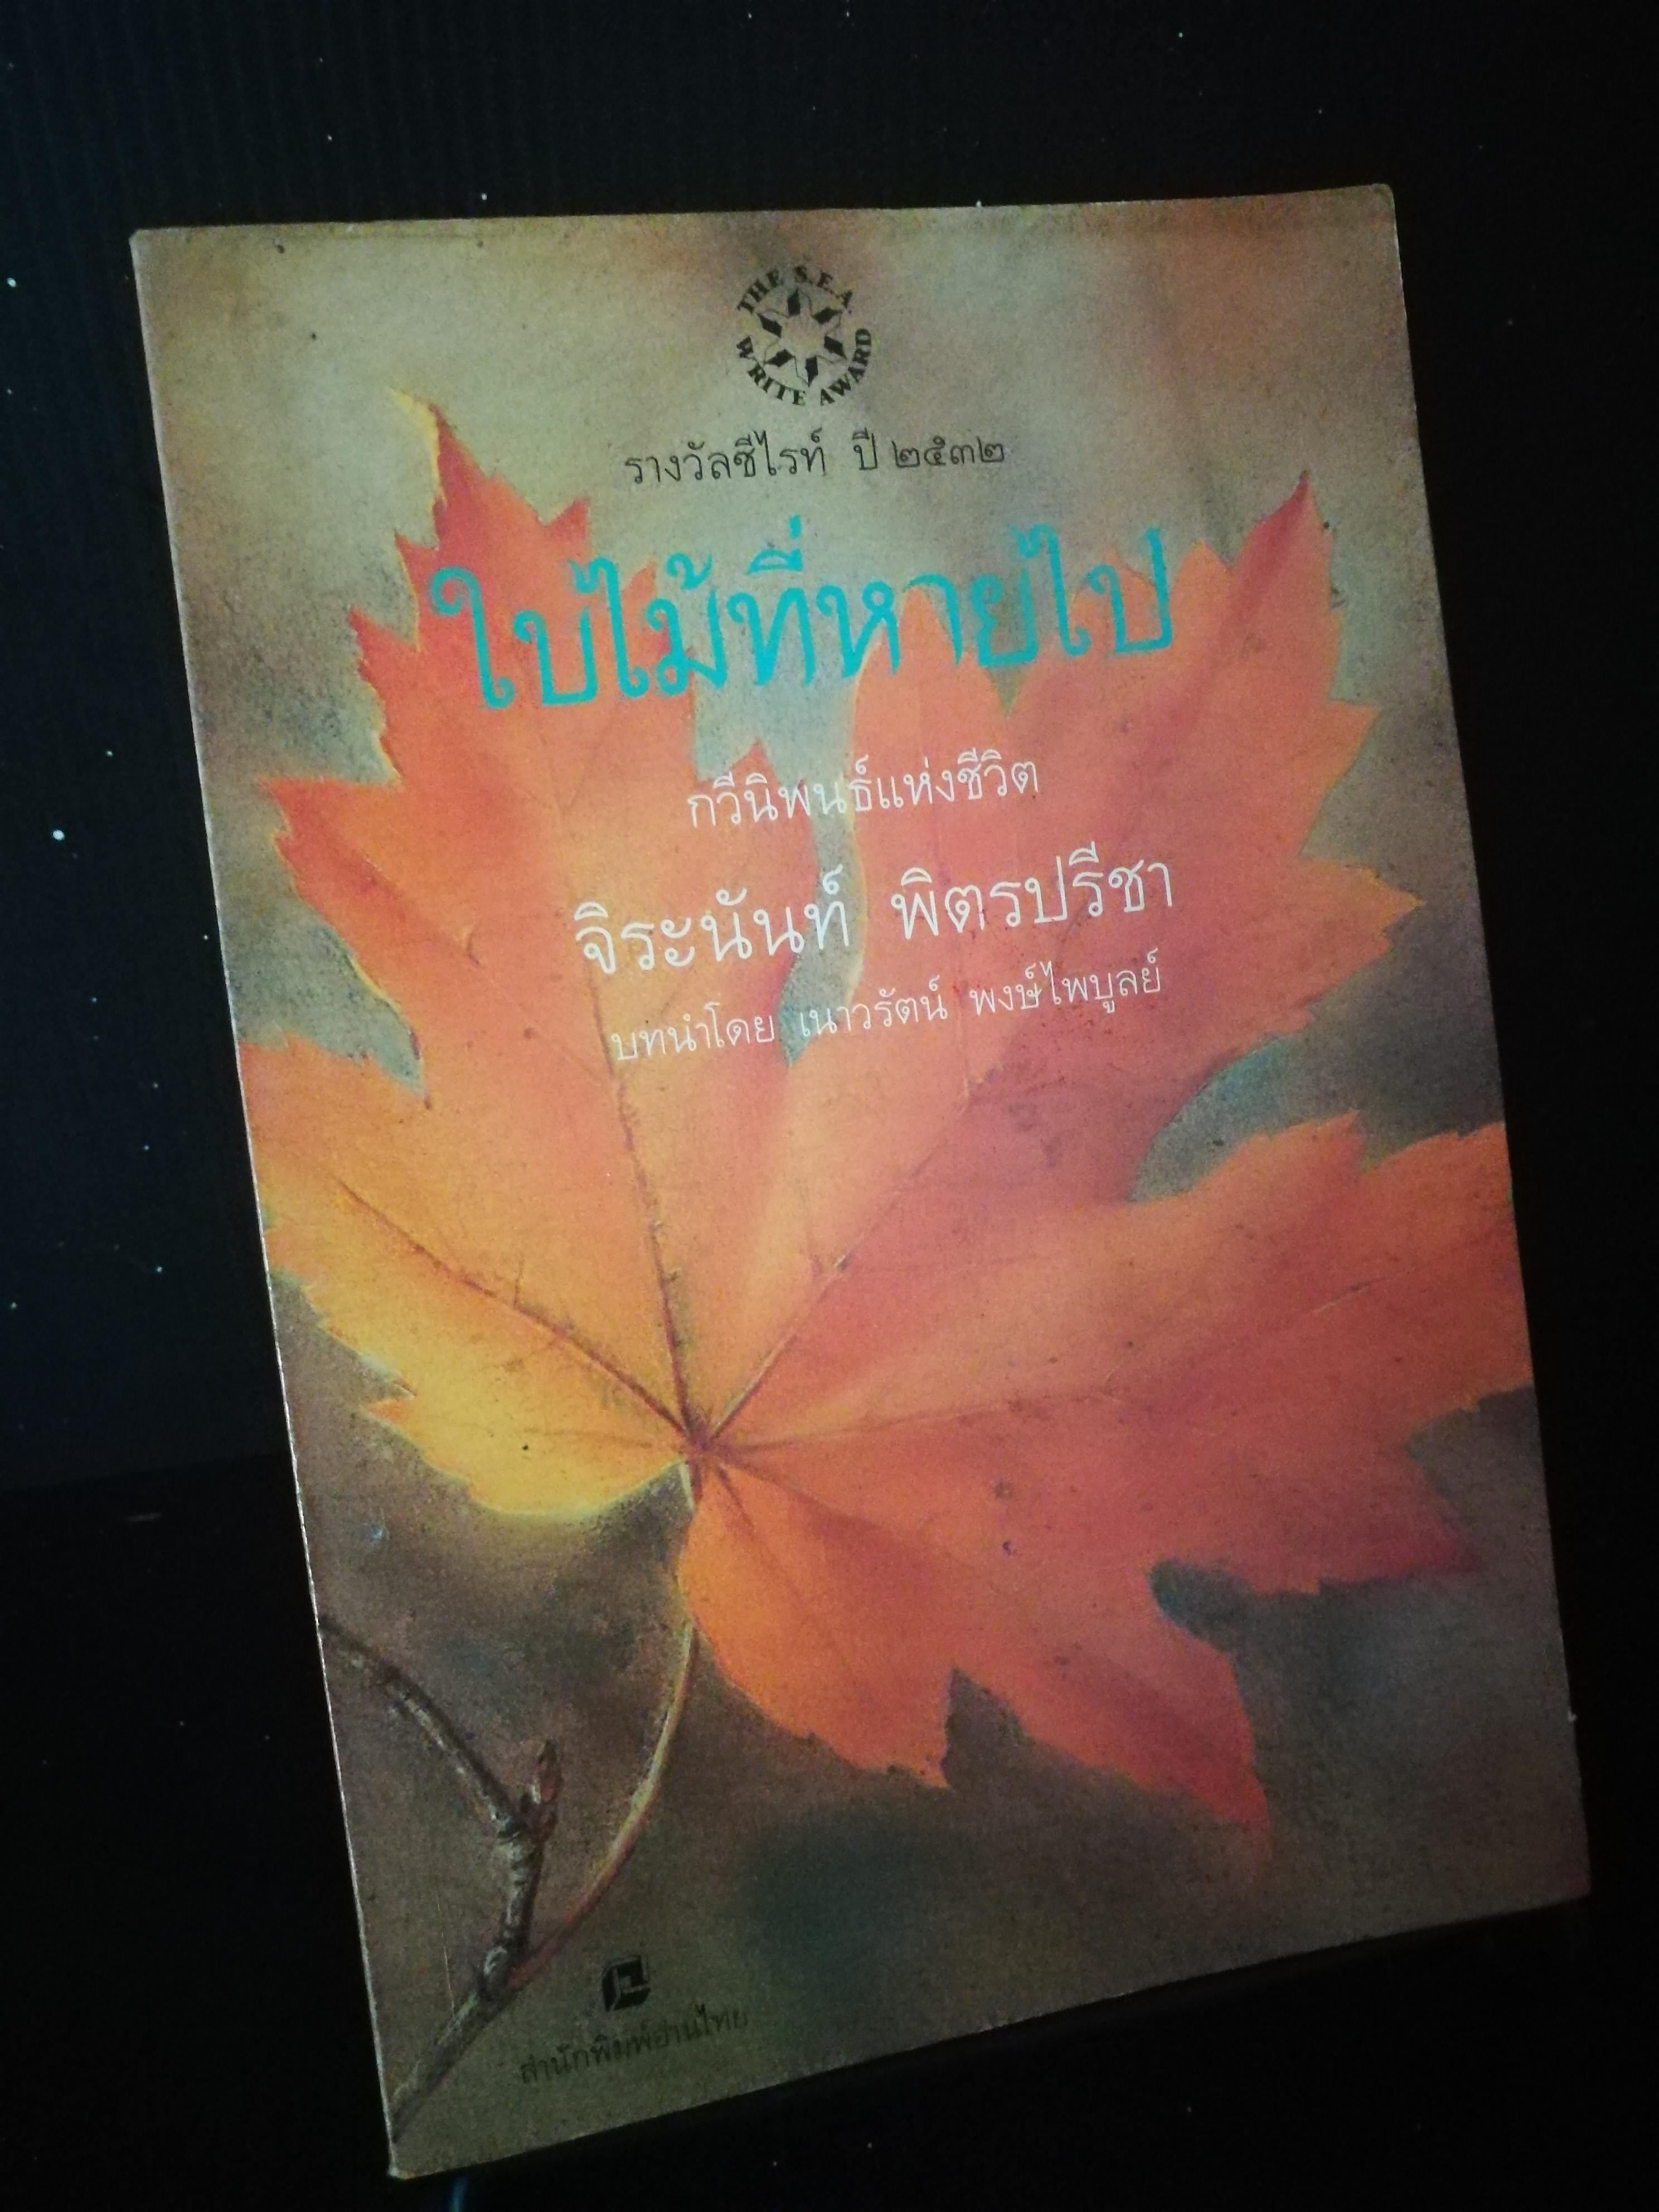 ใบไม้ที่หายไป - จิระนันท์ พิตรปรีชา